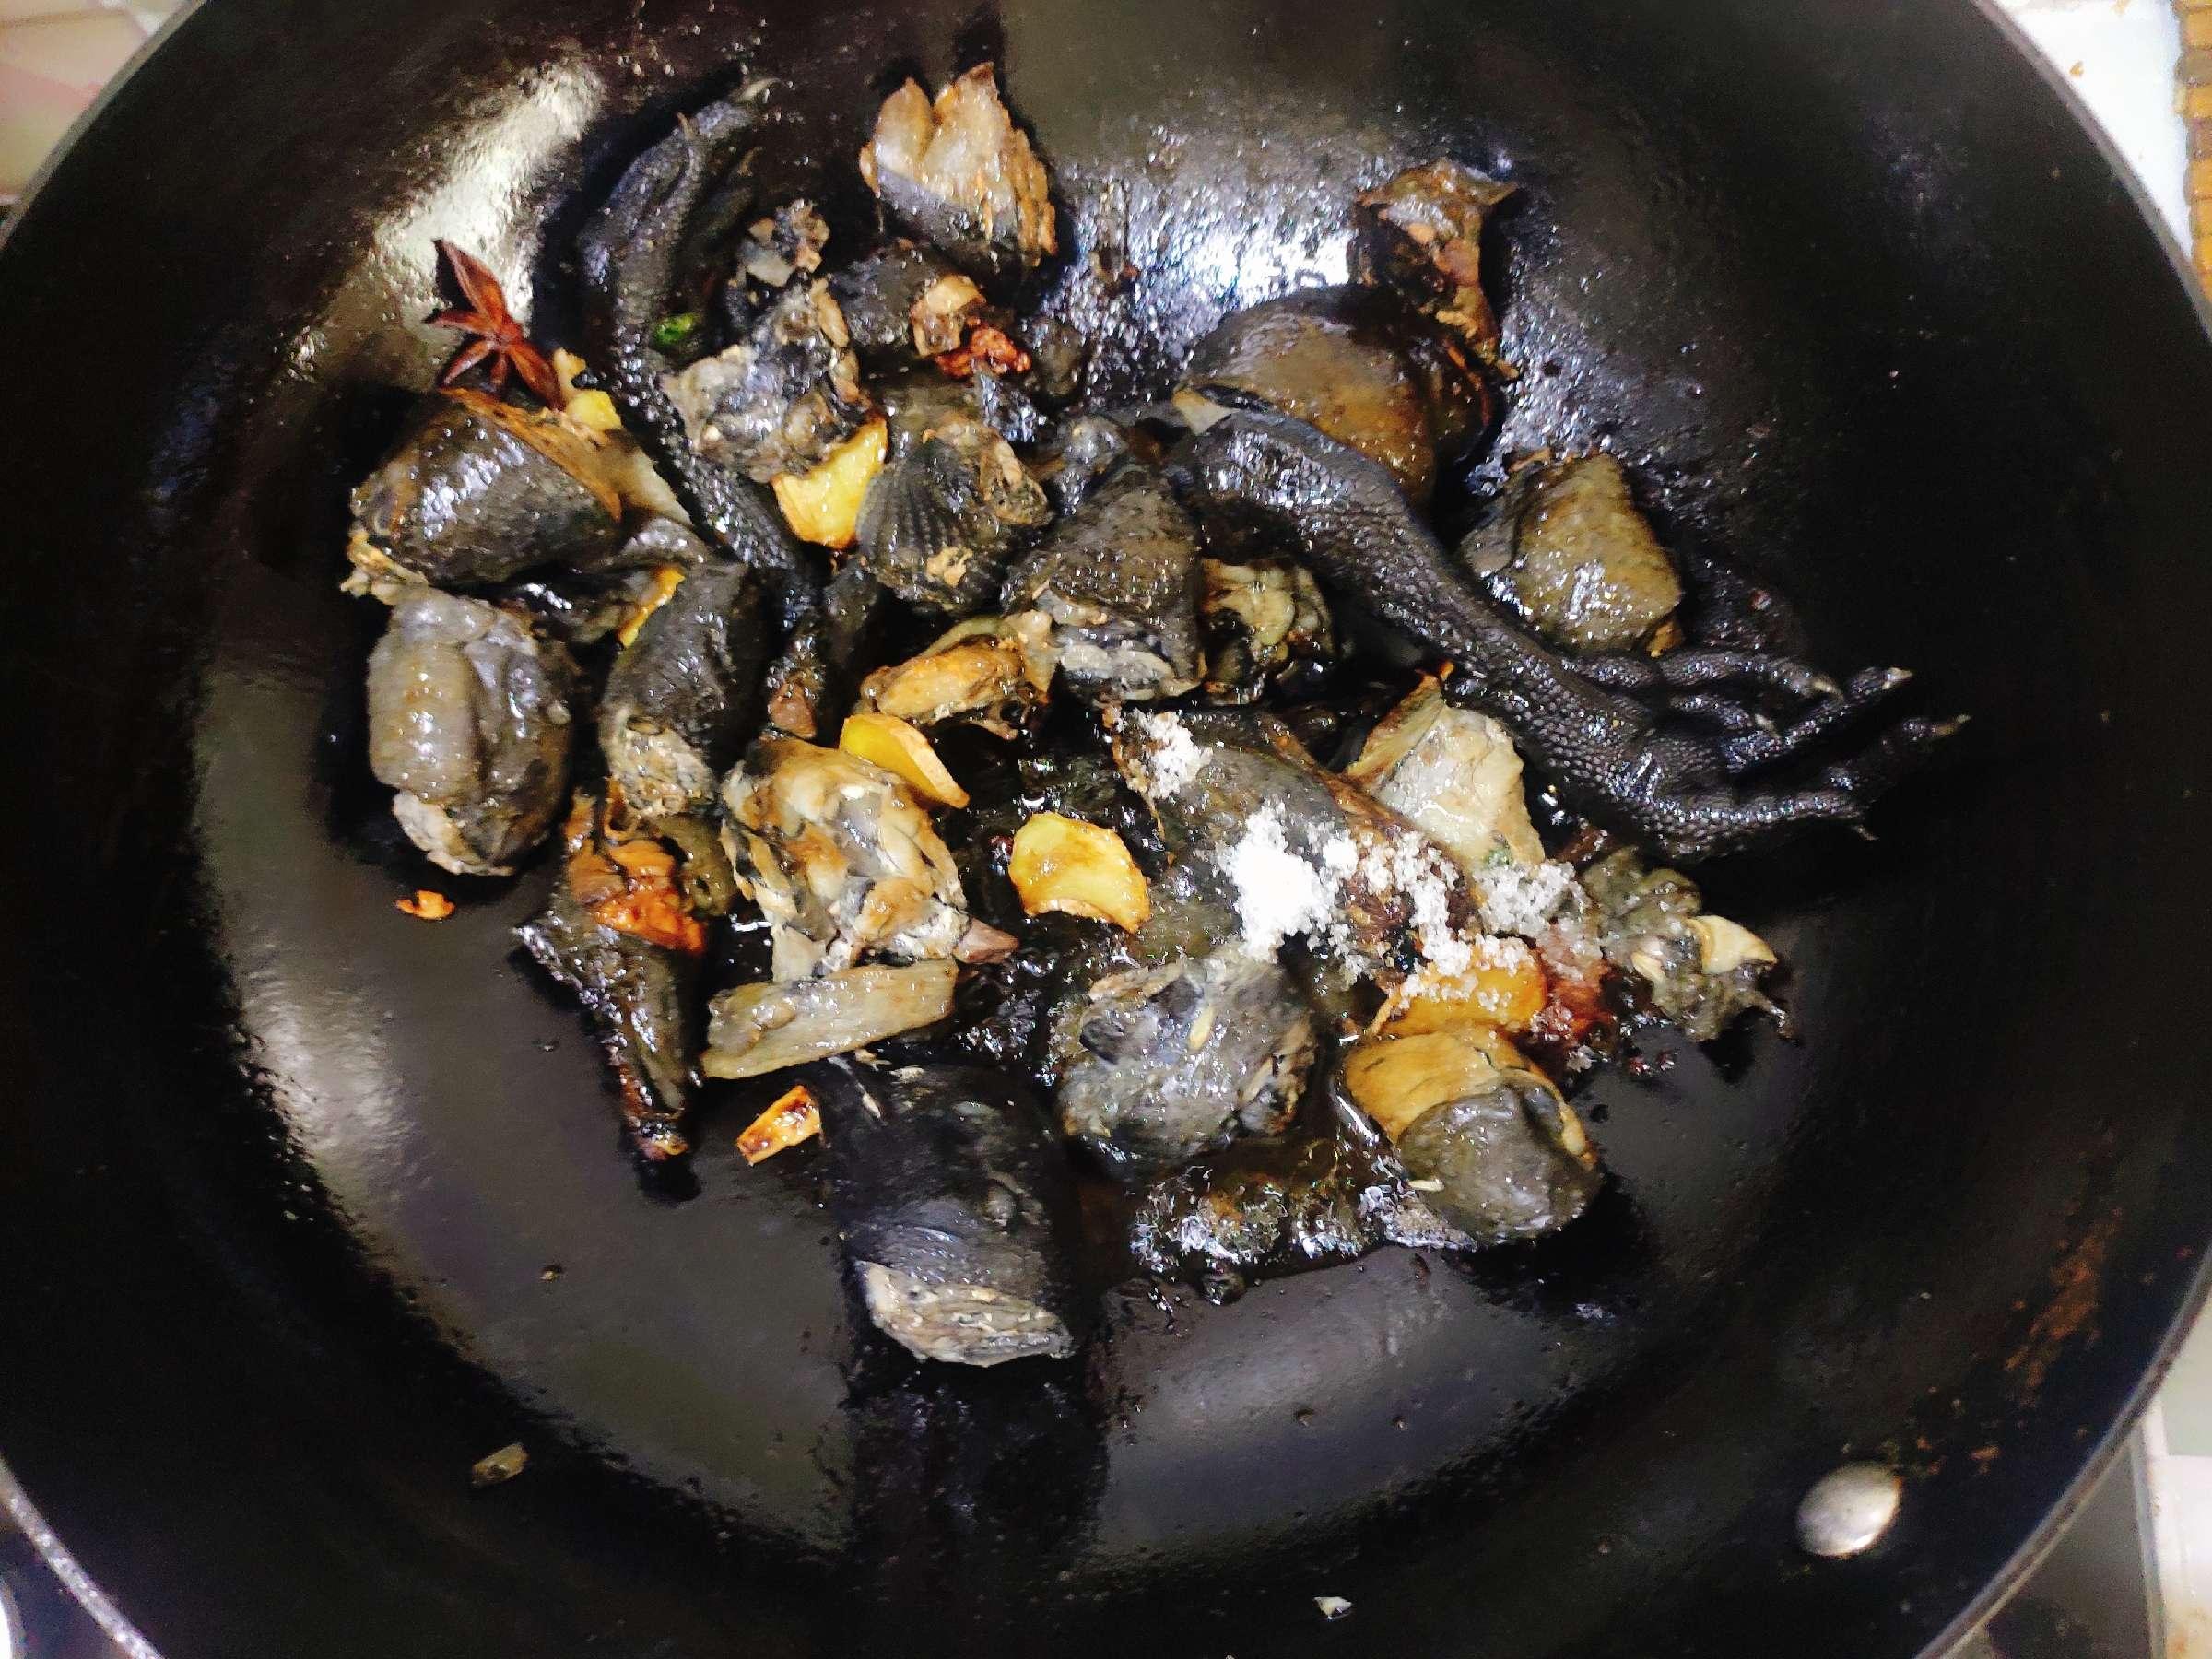 咖喱土豆萝卜炖乌鸡怎么吃